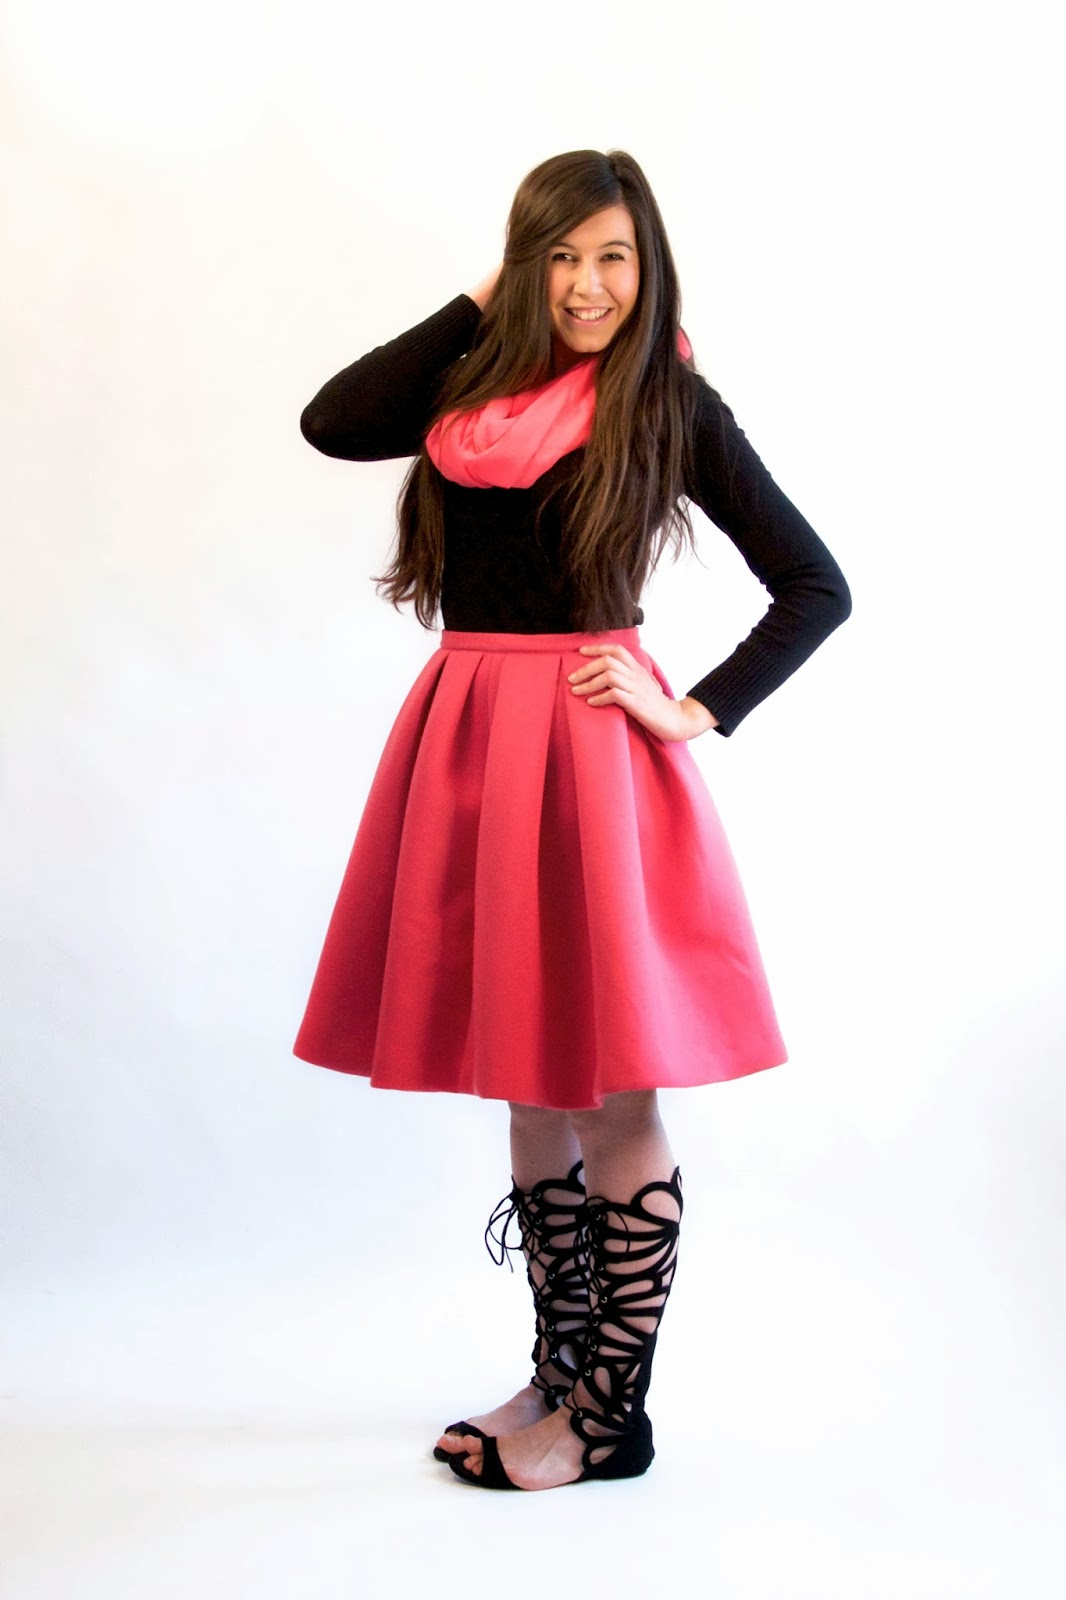 a line skirt, aline skirt, asymmetrical skirt, choies, choies skirt, pink pleated skirt, pink poofy skirt, pink skirt,